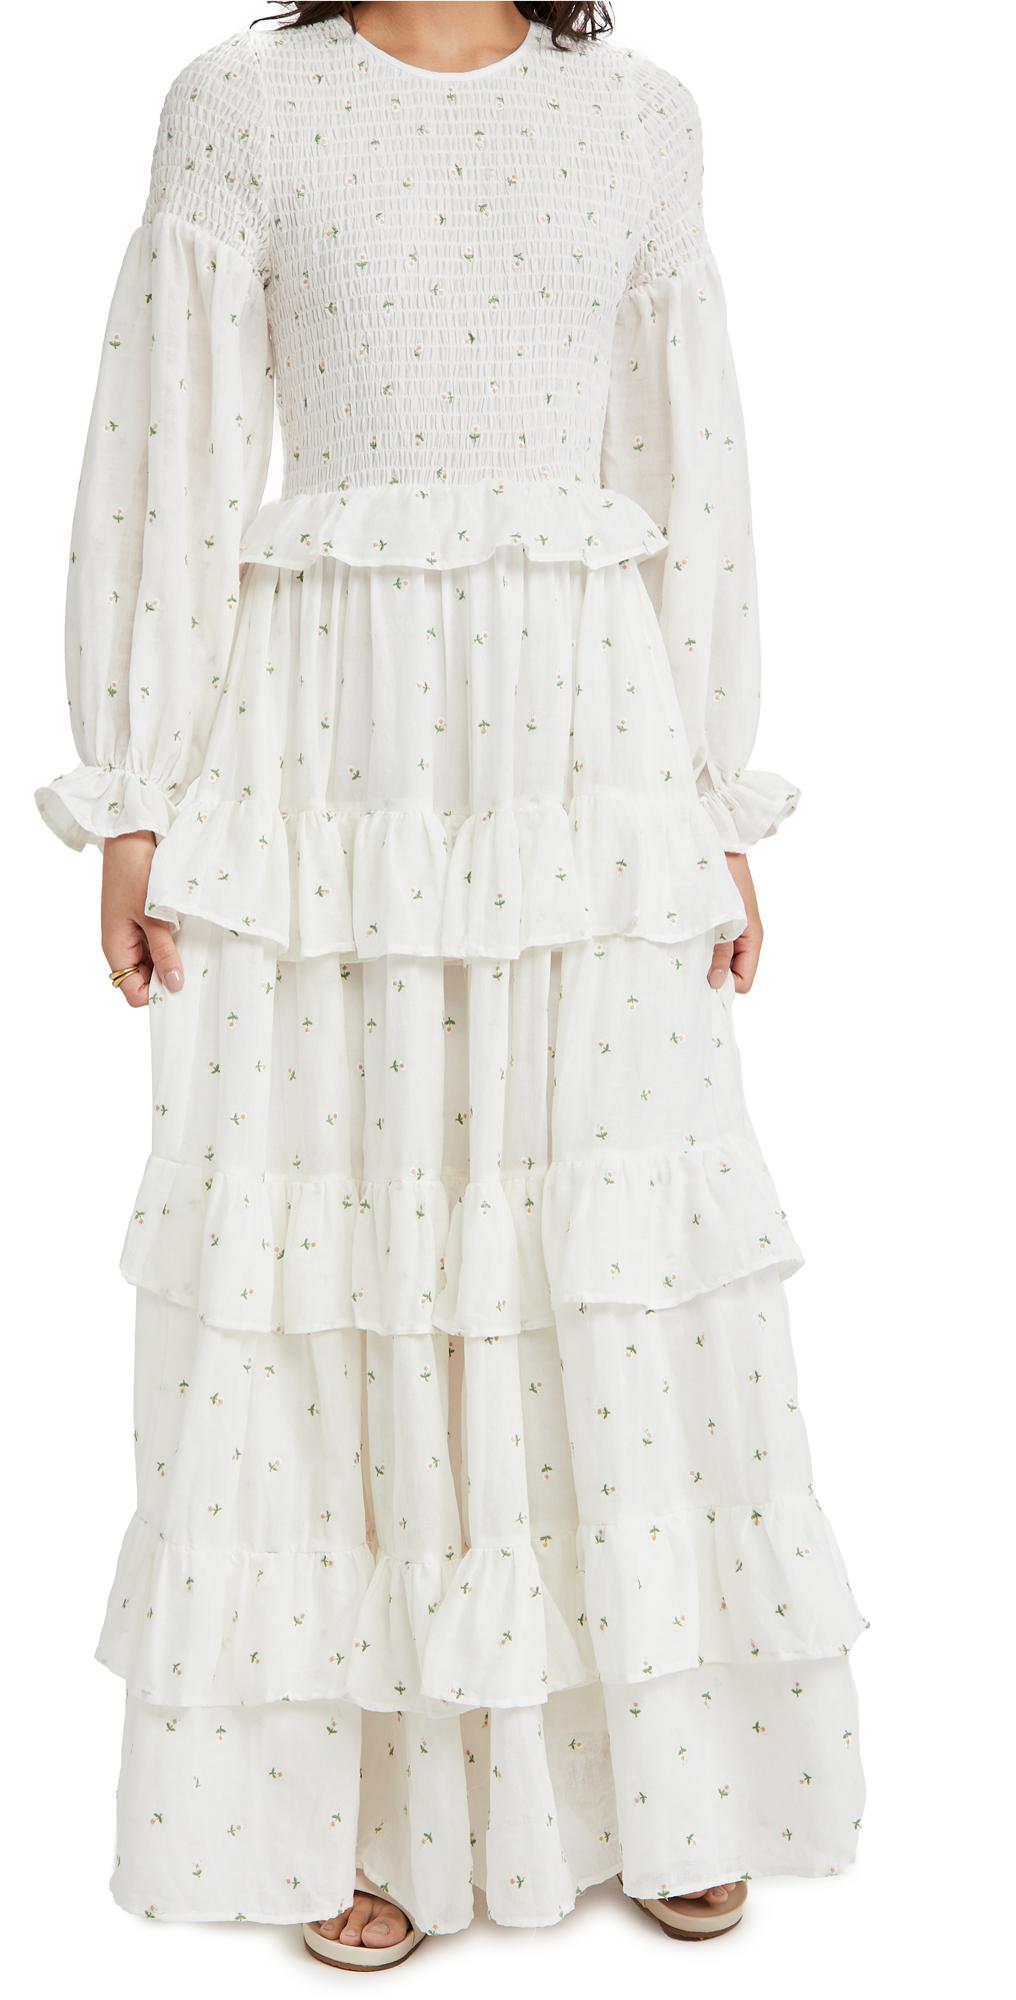 Meadows Rosa Maxi Dress